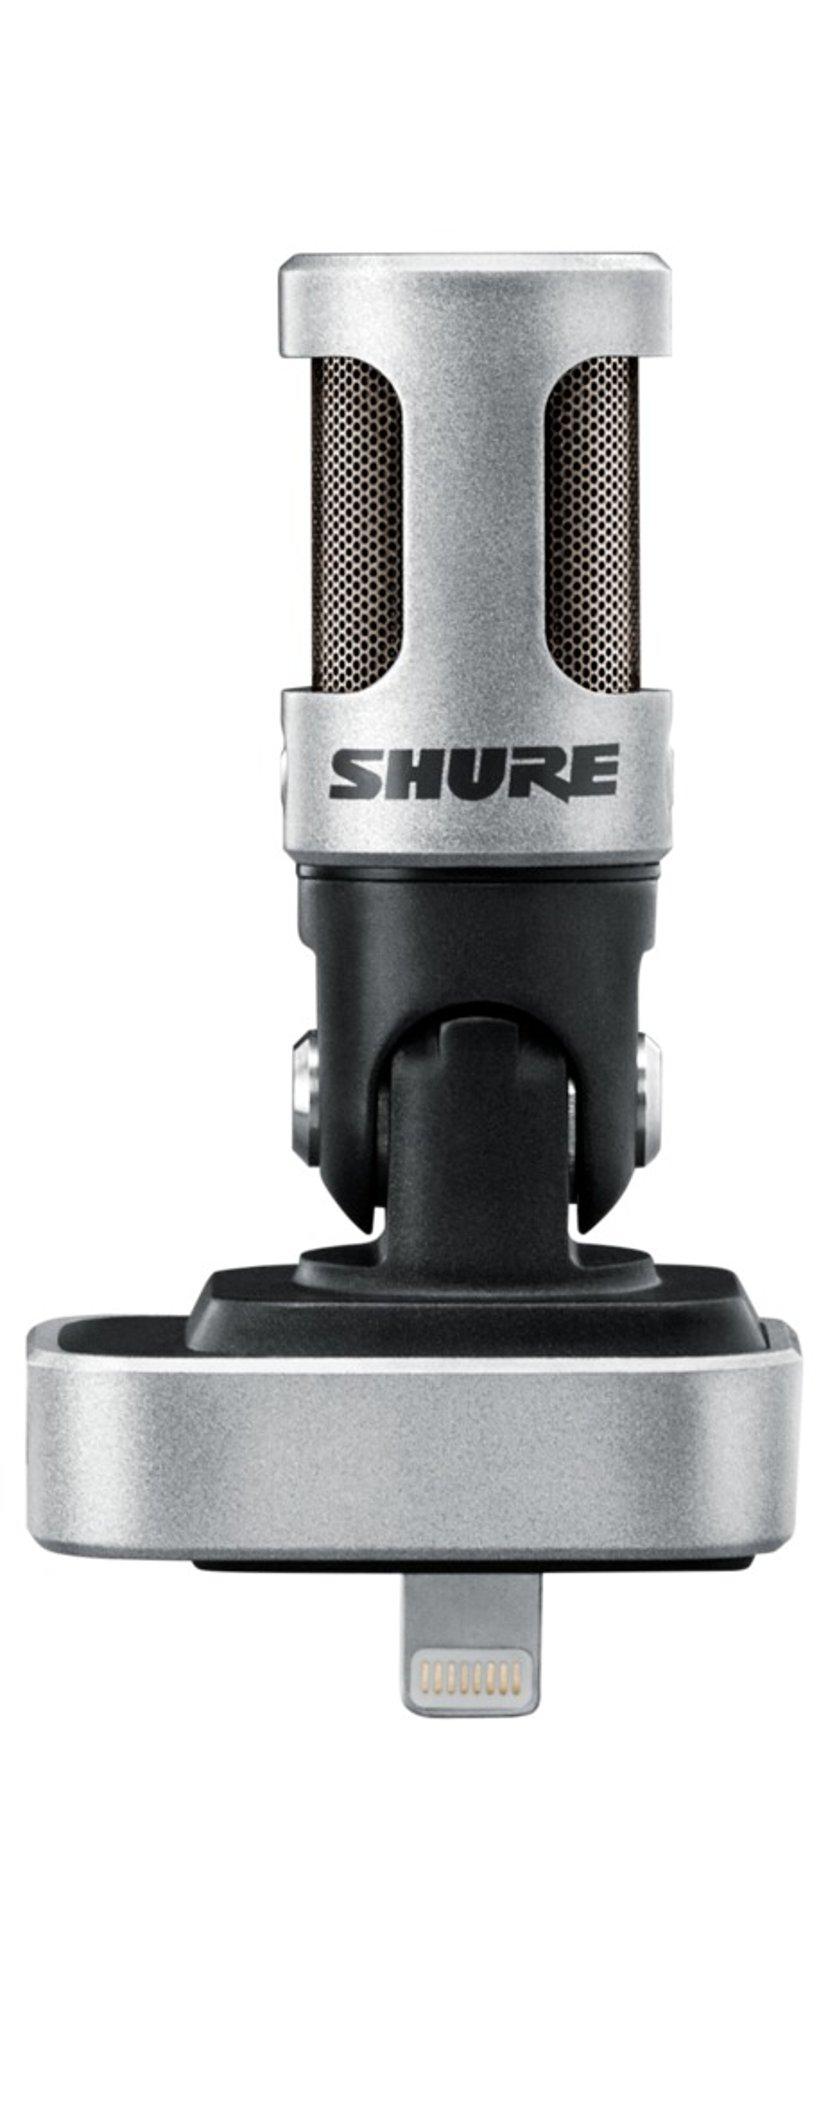 Shure MV88-A iOS Mic